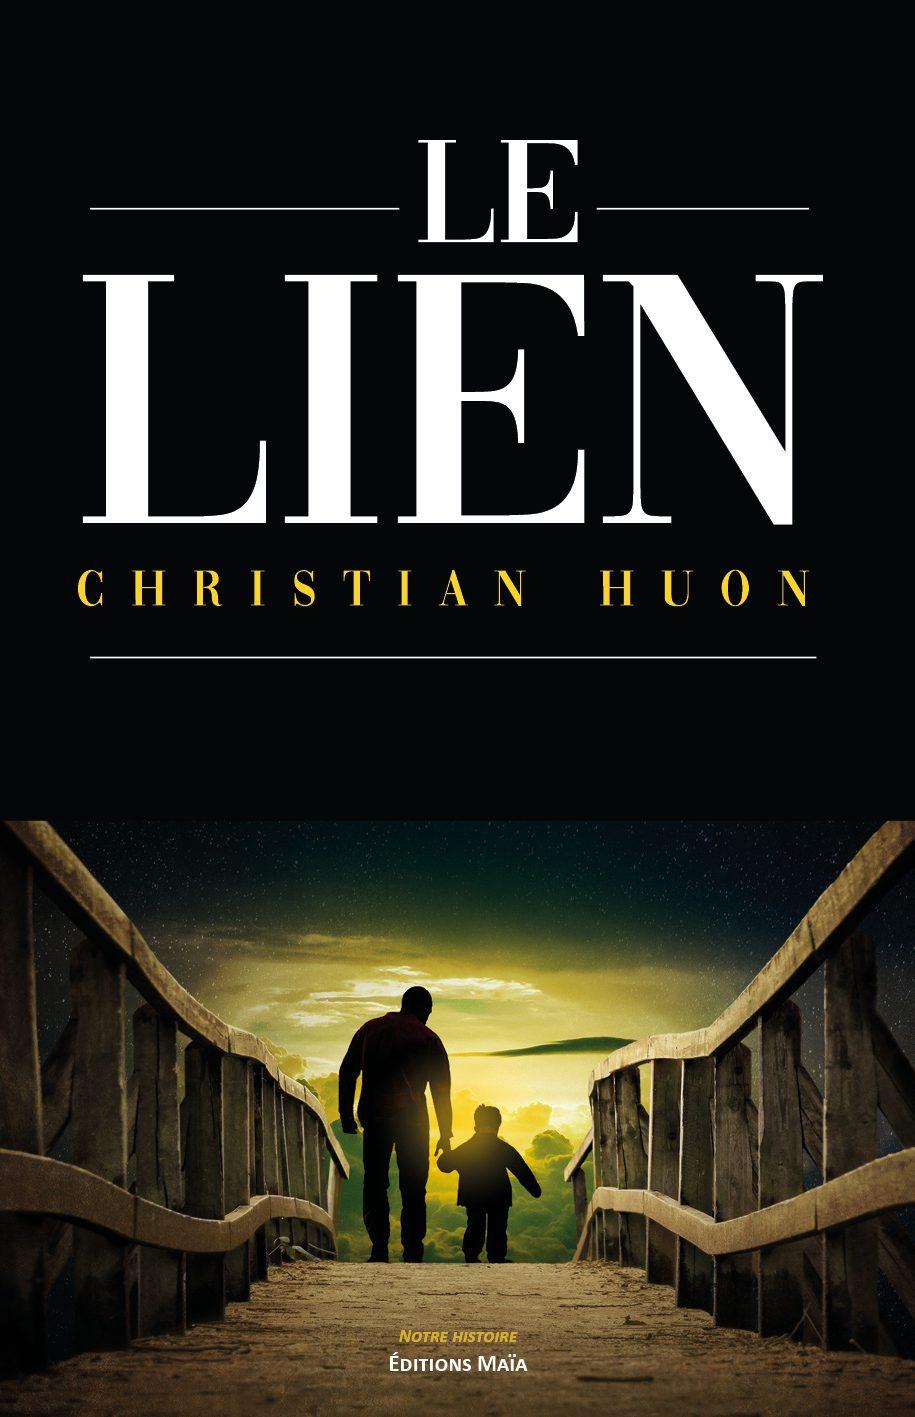 Entretien avec Christian Huon – Le Lien